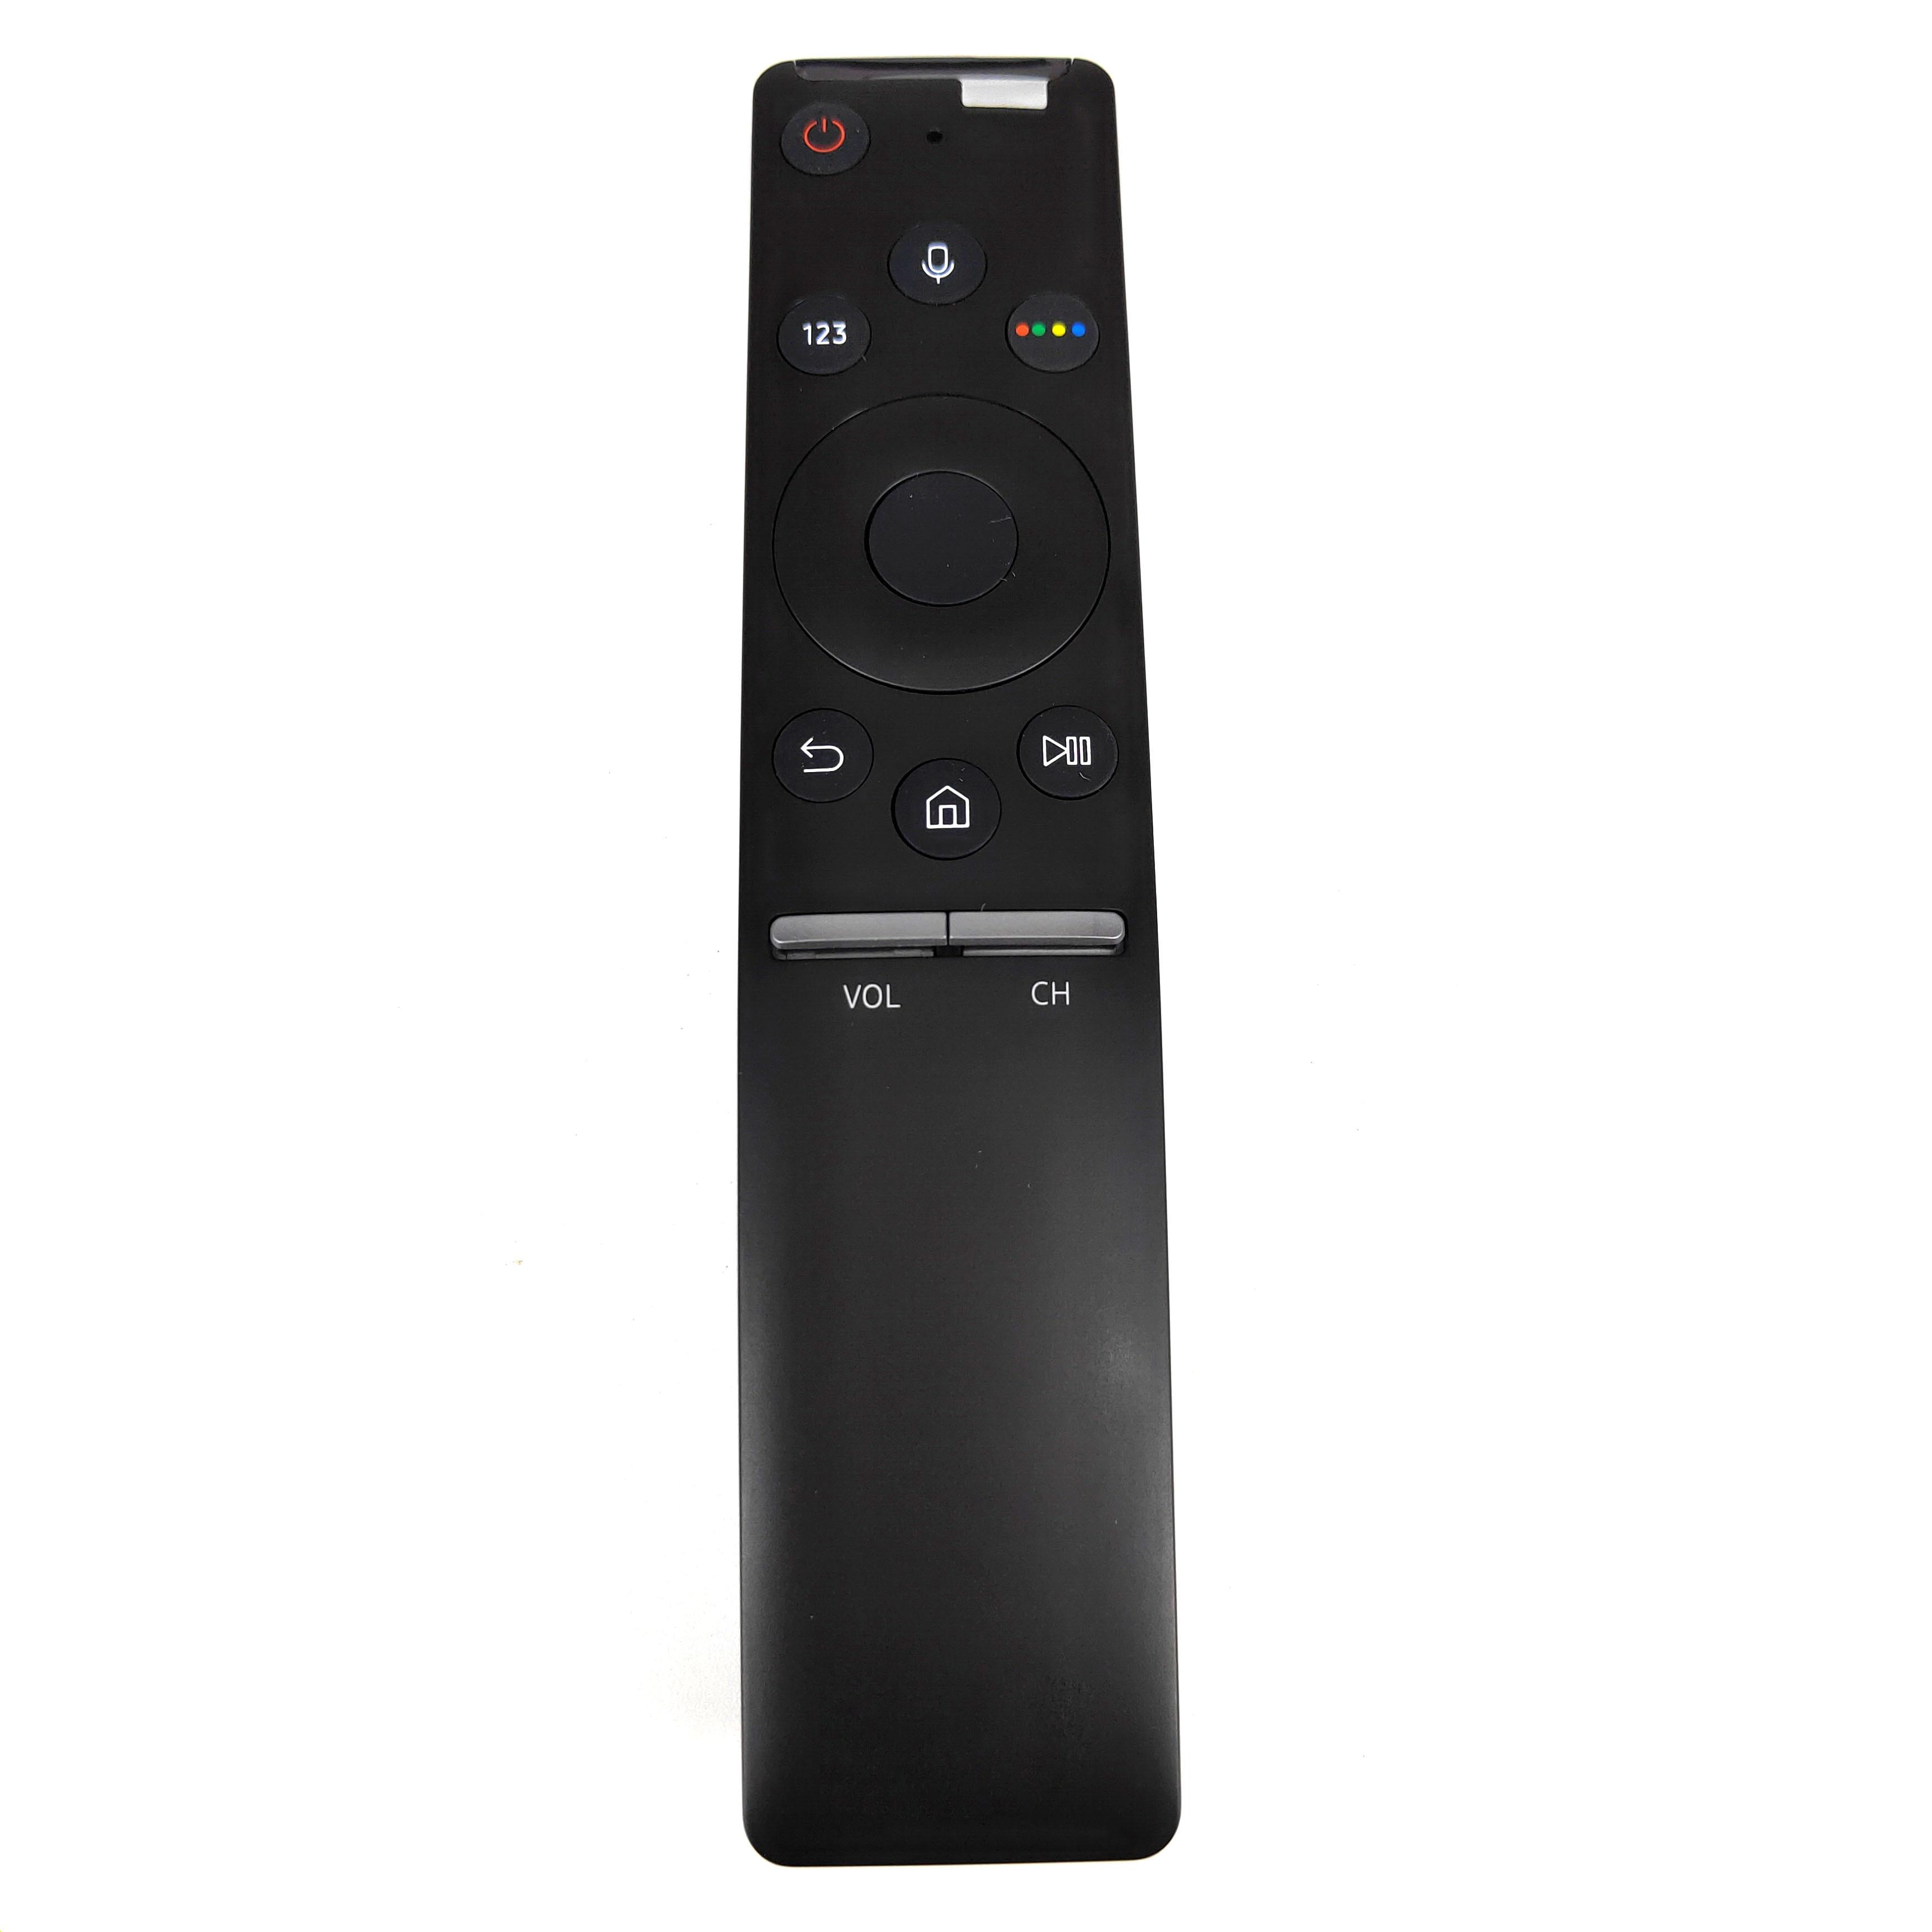 NEW Original BN59 01274A BN5901274A for SAMSUNG TV Remote Control UA75MU6100W UA82MU7000Remote Controls